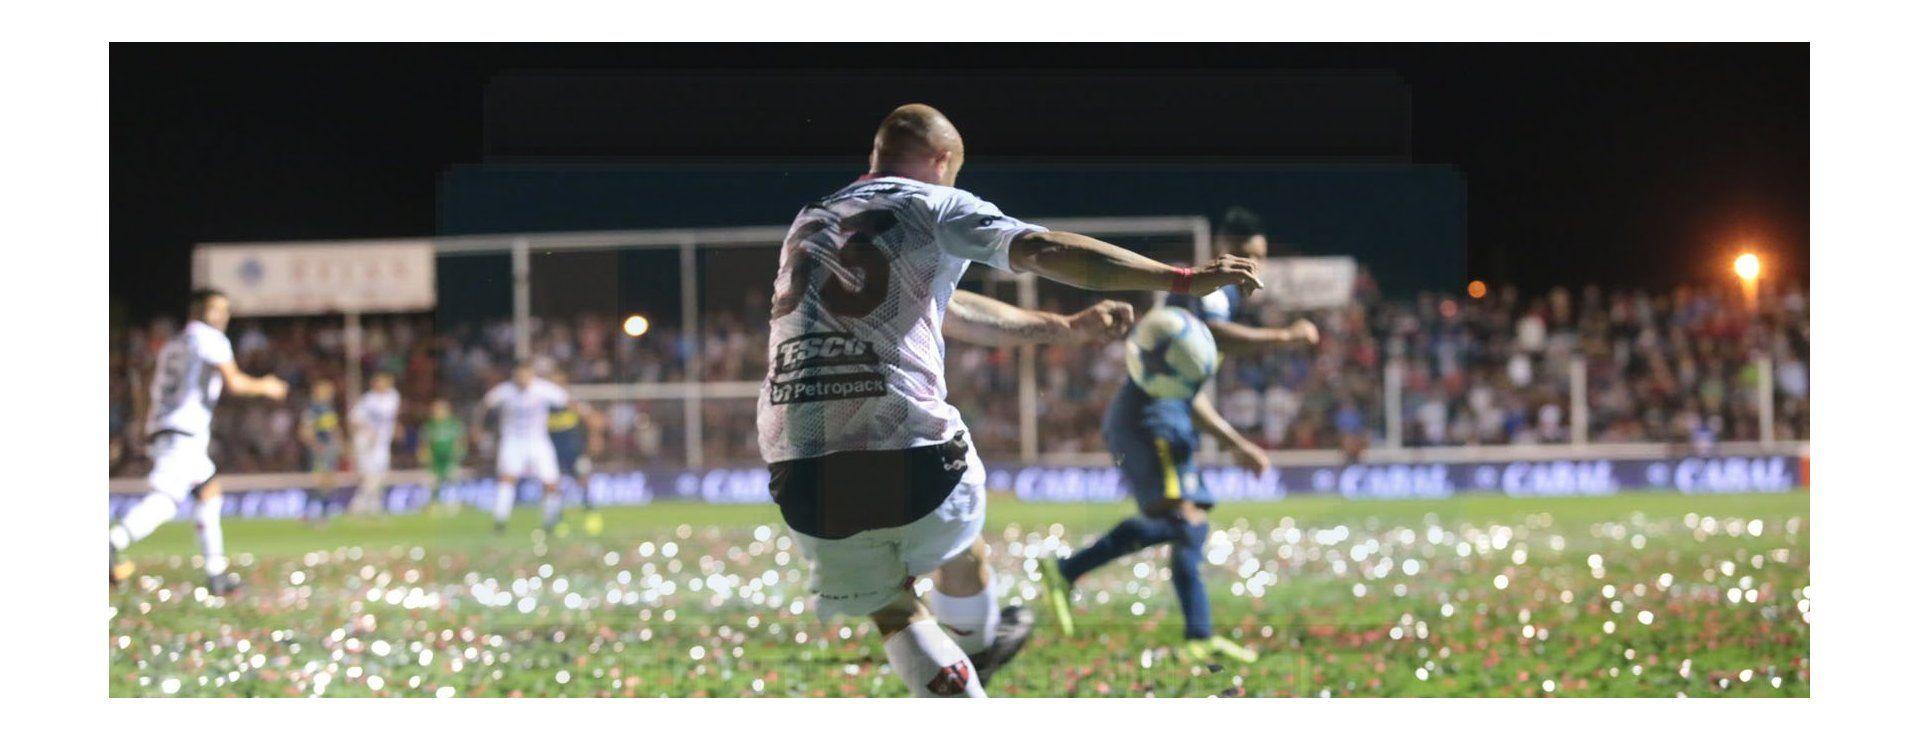 El Grella brilló en un encuentro histórico ante Boca Juniors